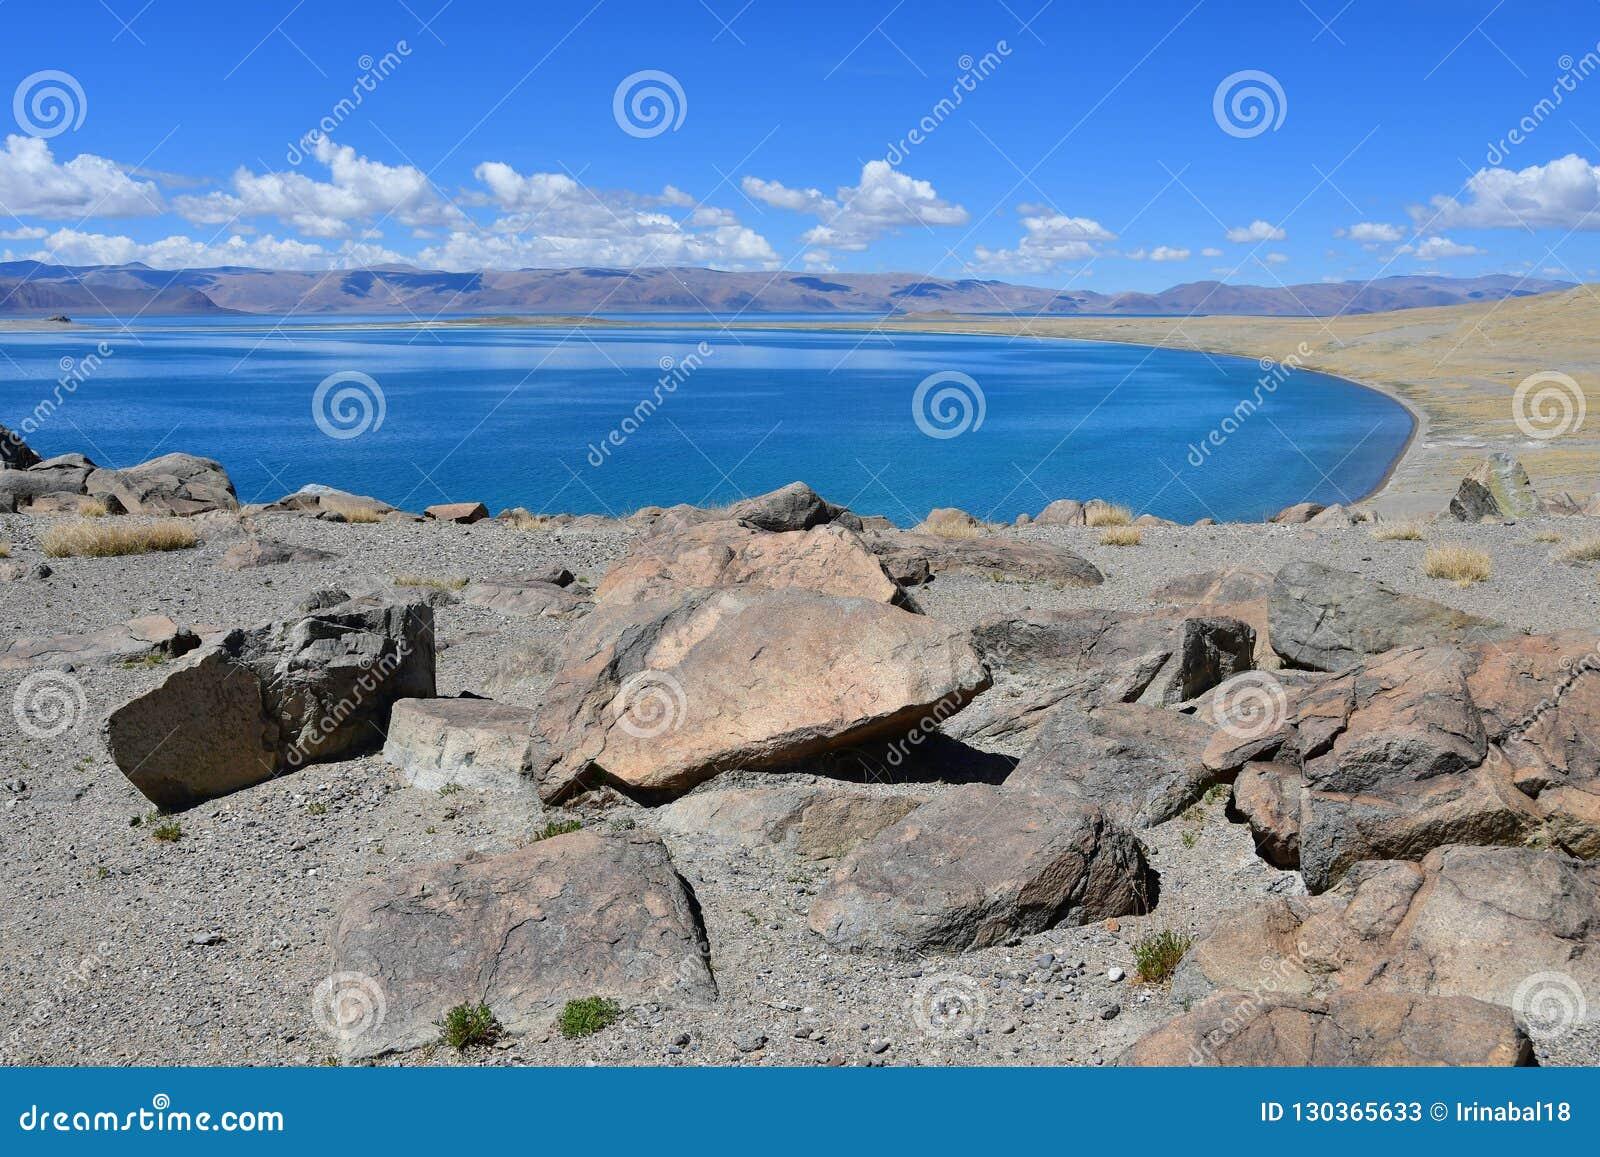 Chiny Wielcy jeziora Tybet Jeziorny Teri Tashi Namtso w pogodnym letnim dniu